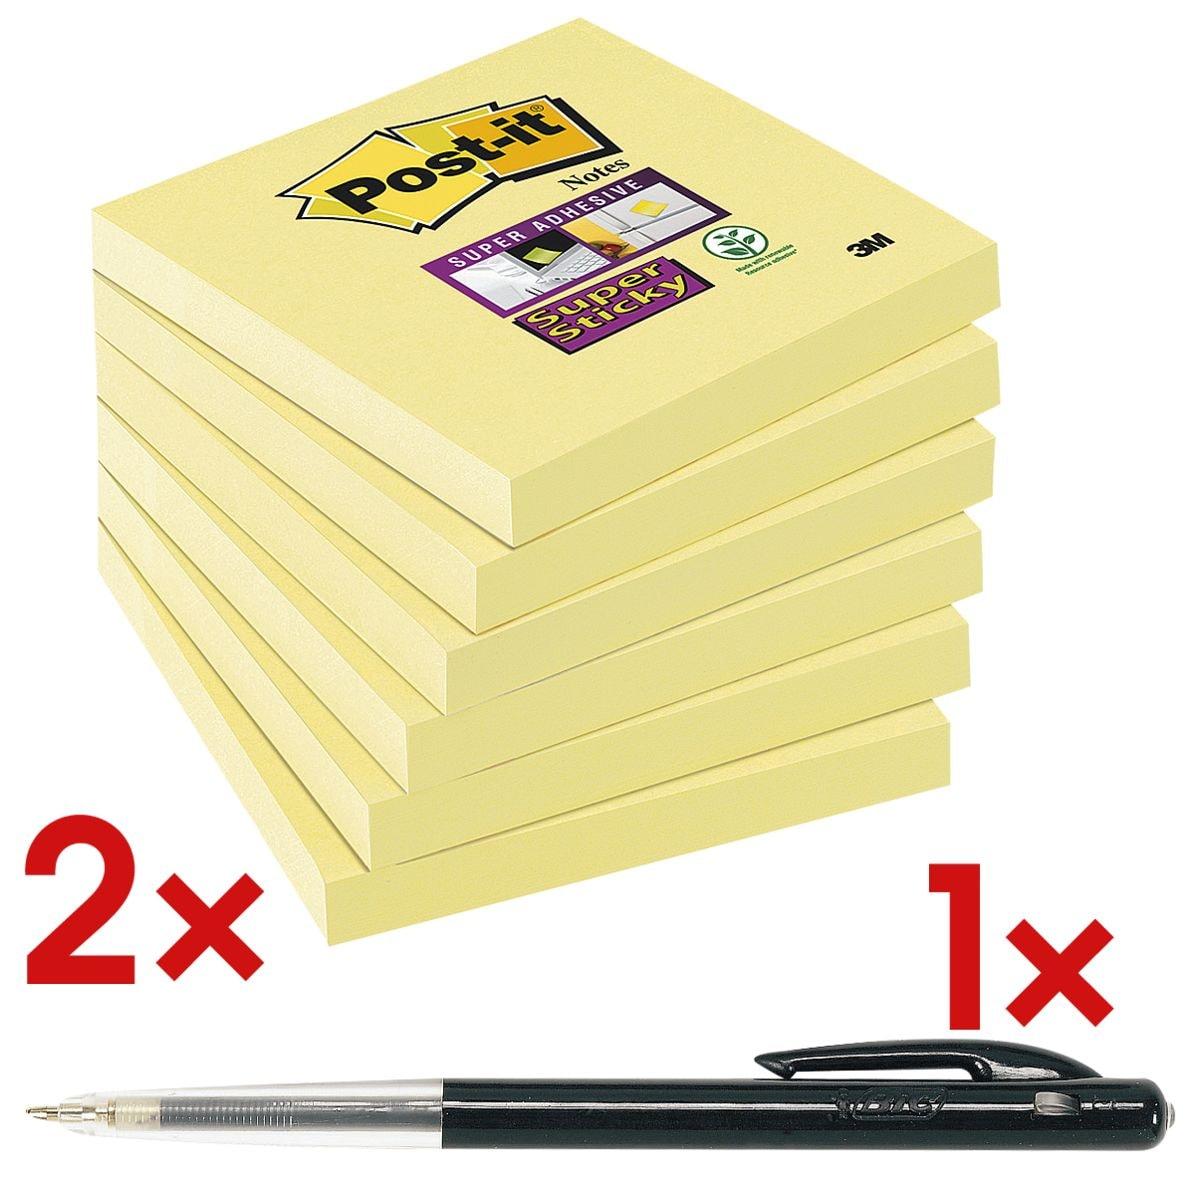 12x Post-it Super Sticky bloc de notes repositionnables Notes 7,6 x 7,6 cm, 1080 feuilles au total, jaune avec Stylo-bille rétractable « M10 »